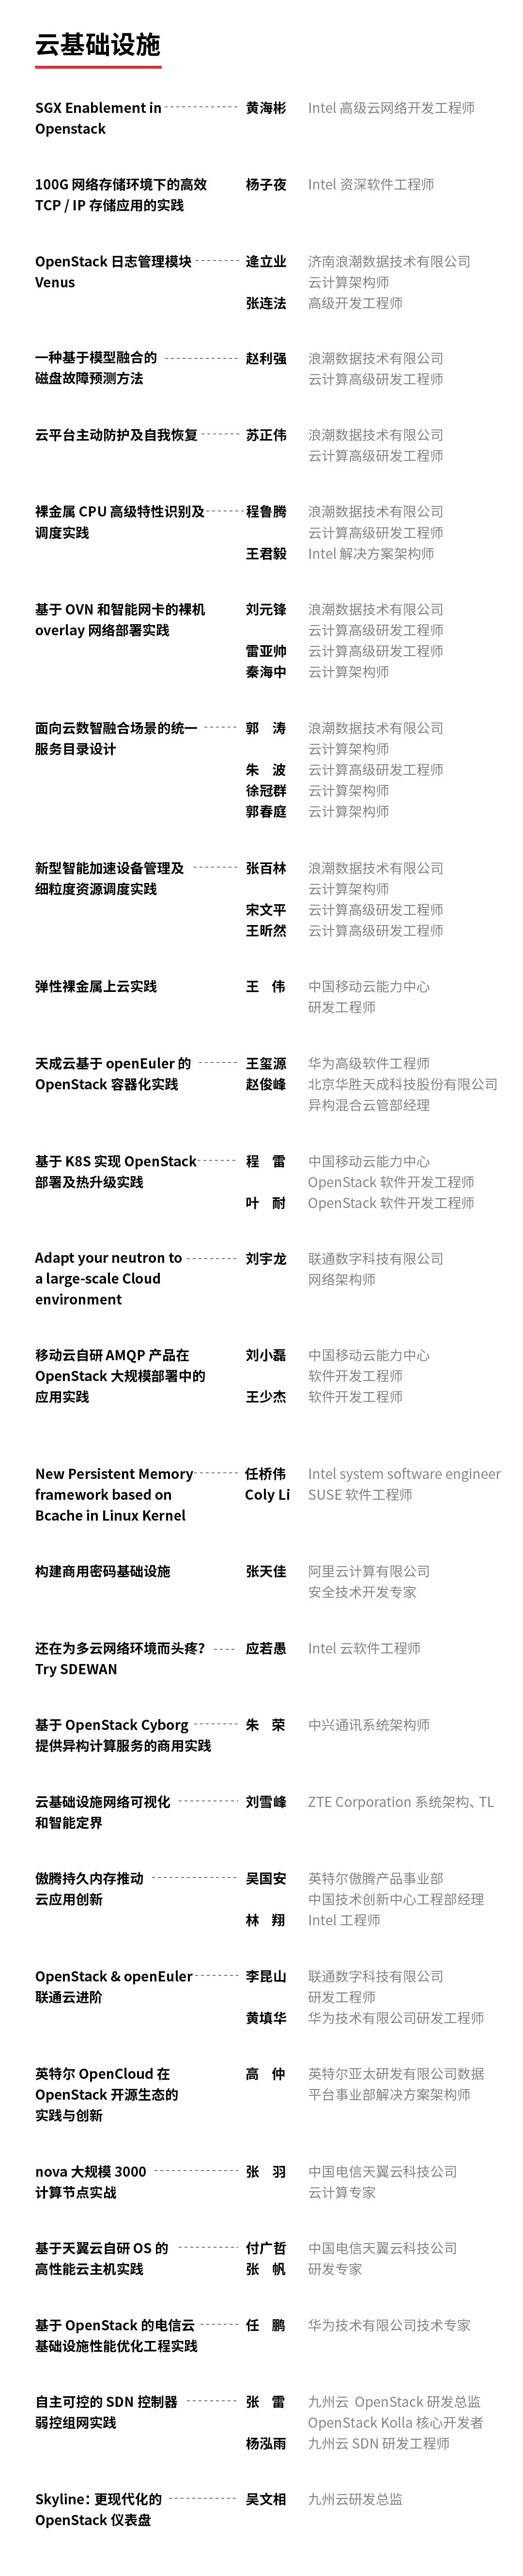 议程-云基础设施-01.png